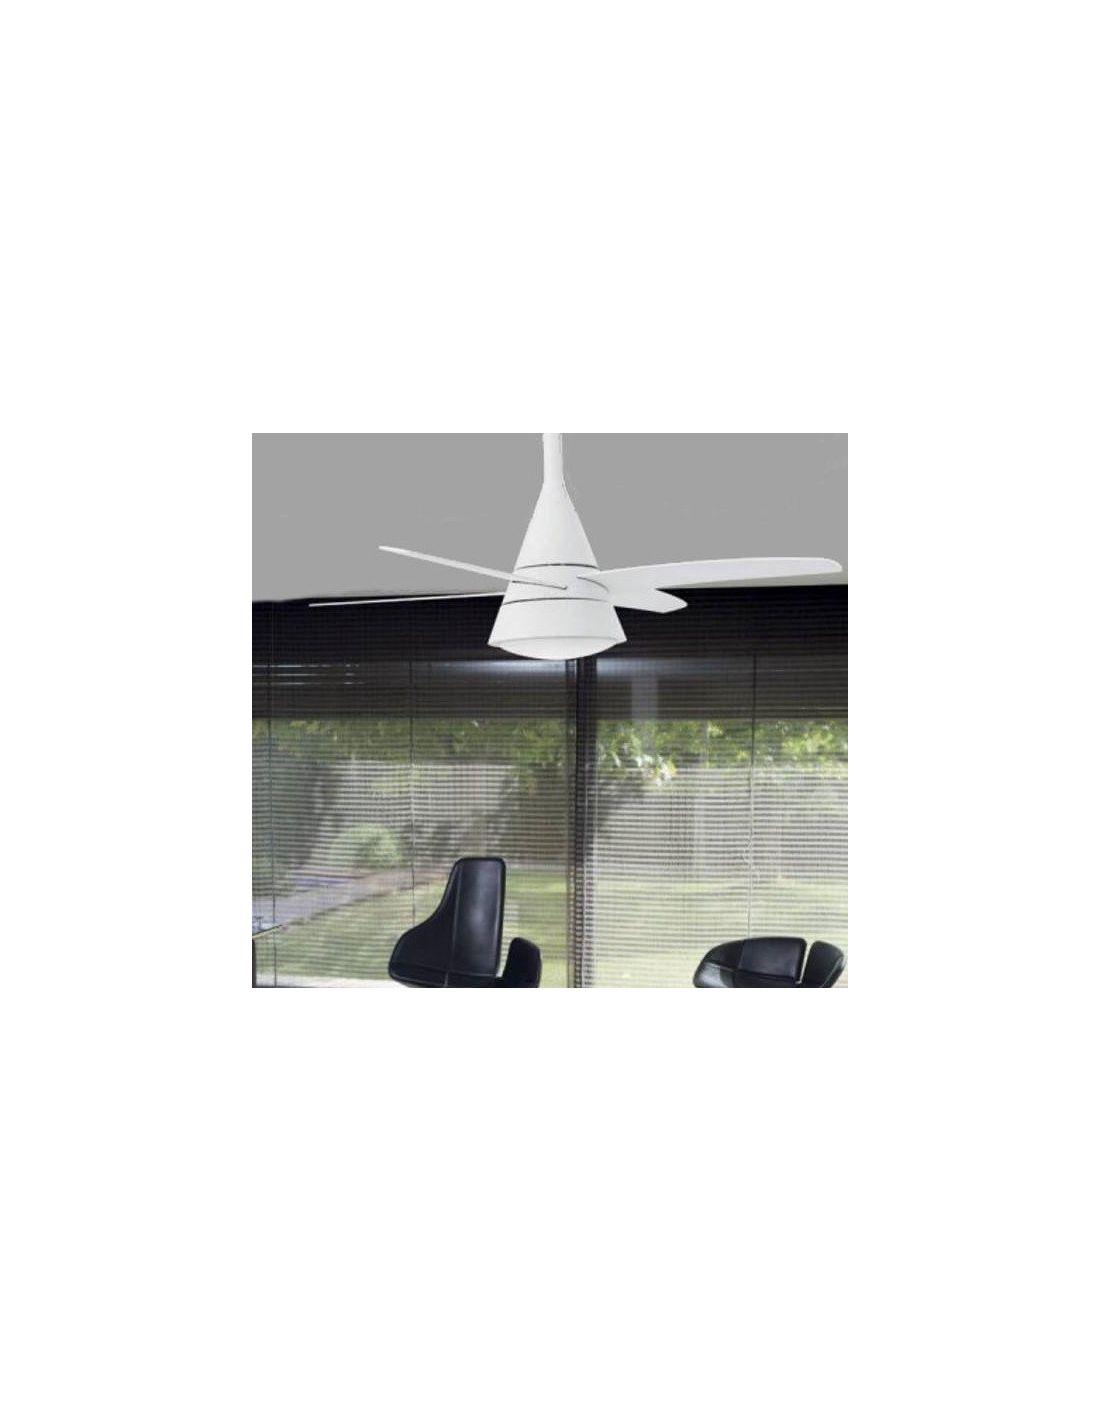 Ventilador de techo de dise o con palas blancas env o - Ventilador techo diseno ...